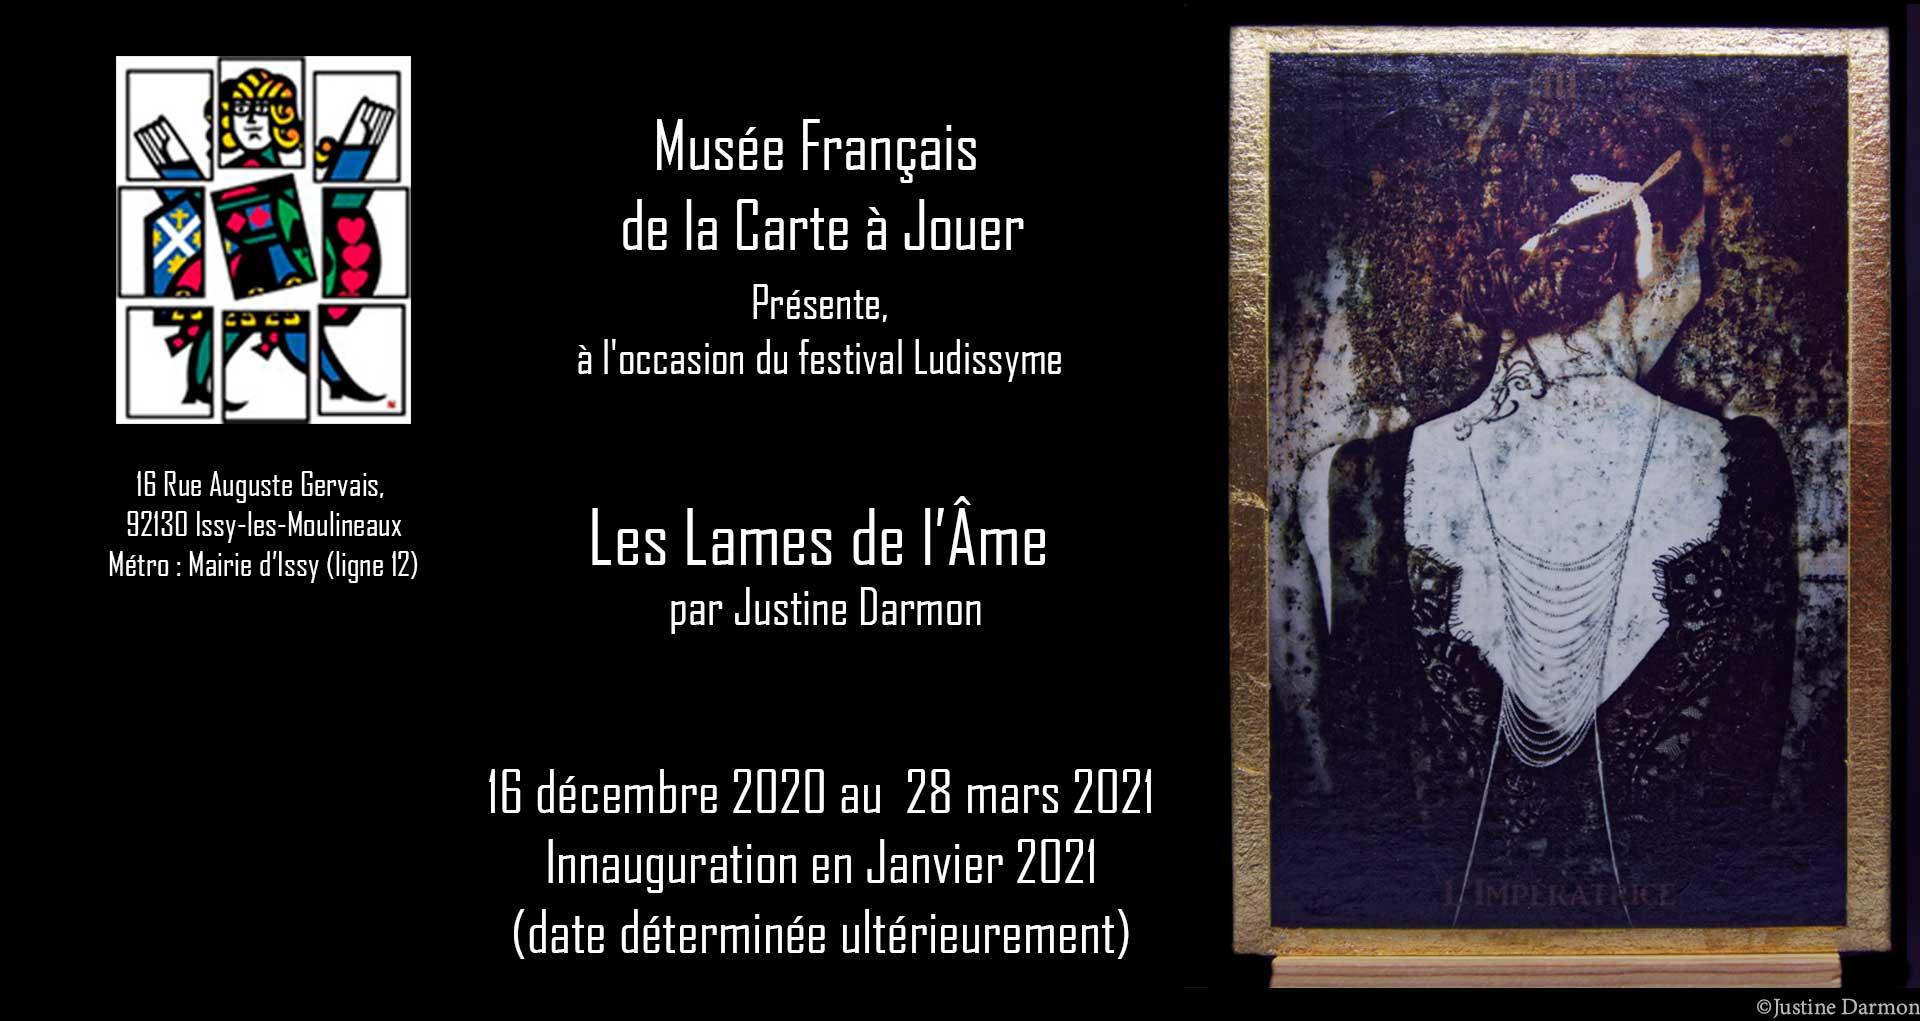 Série Les lames de LÂme par J darmon au Musée de la Carte à Jouer